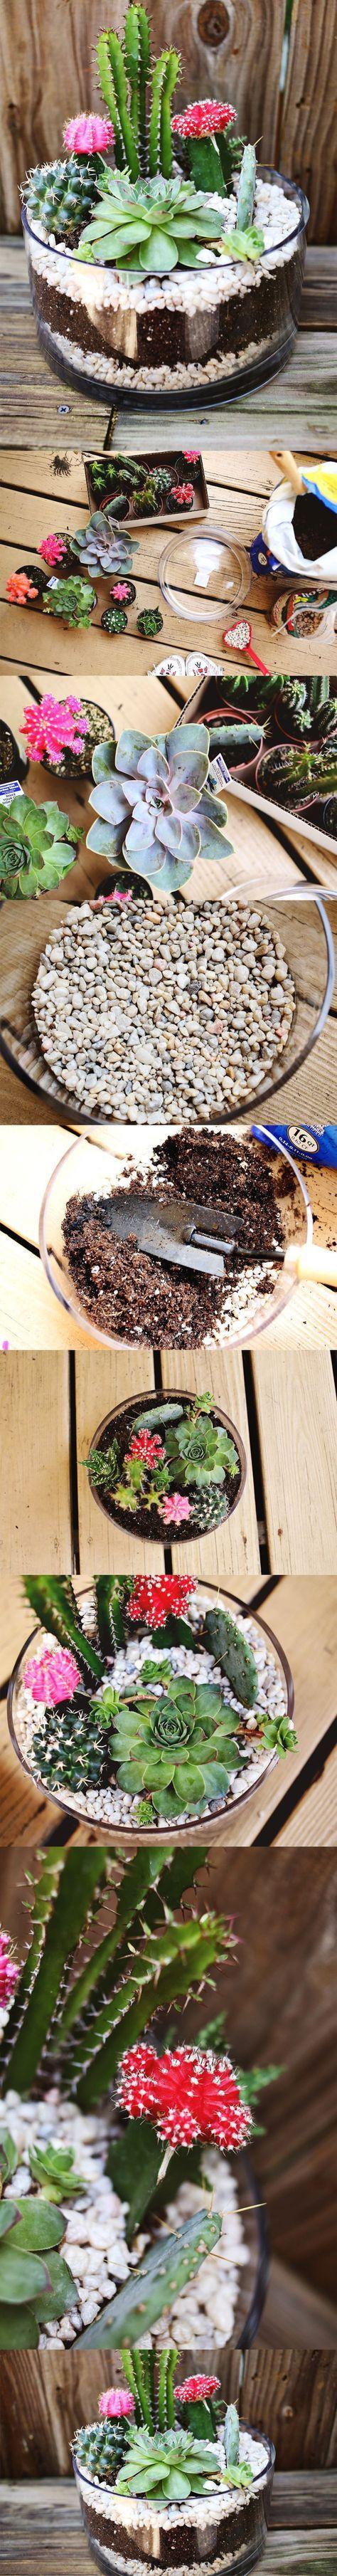 best terrarium ideen images on pinterest terrarium ideas